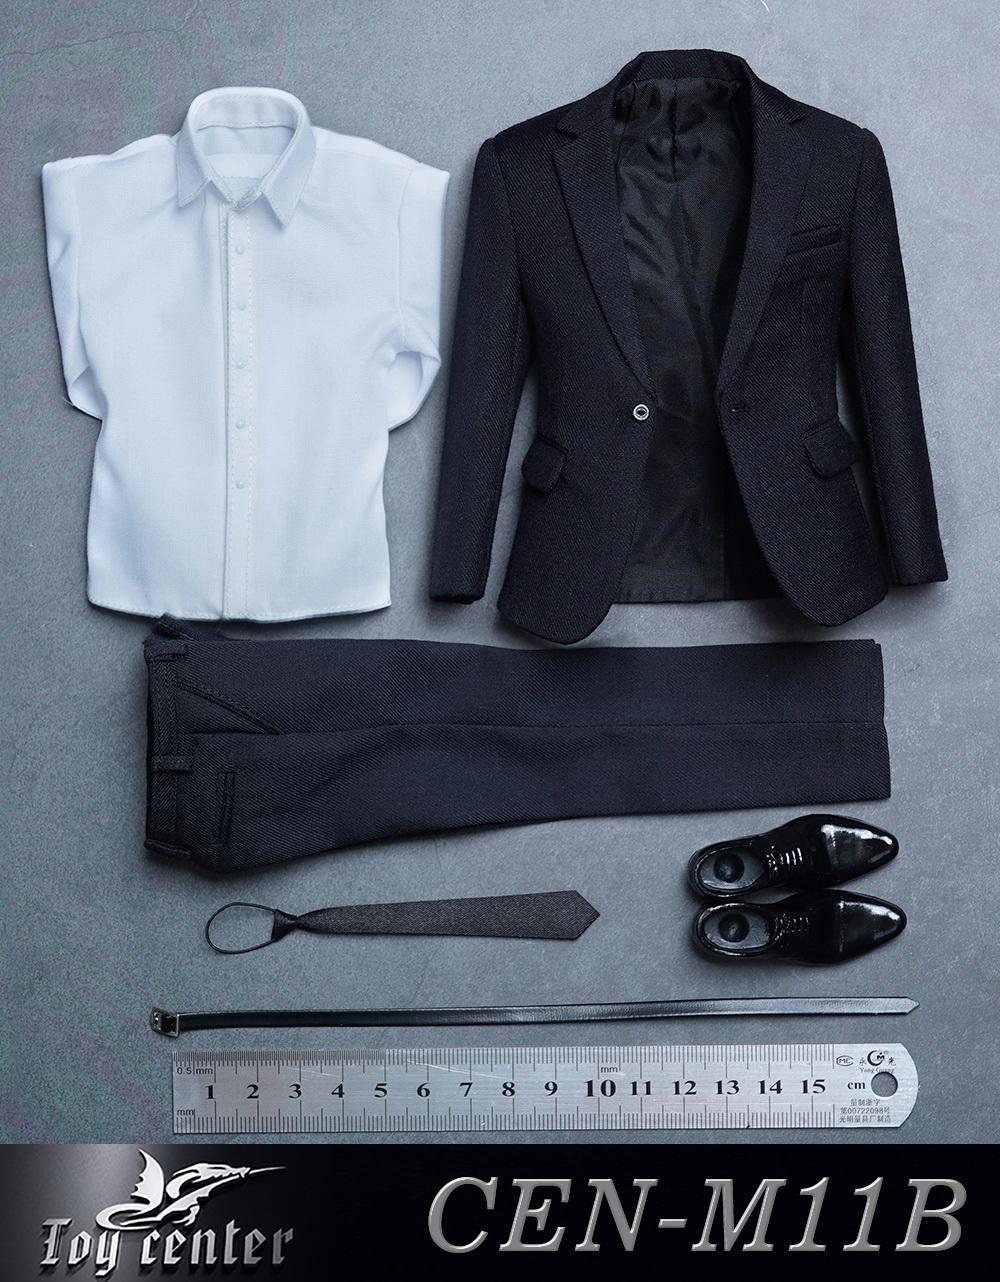 tc-British suit03